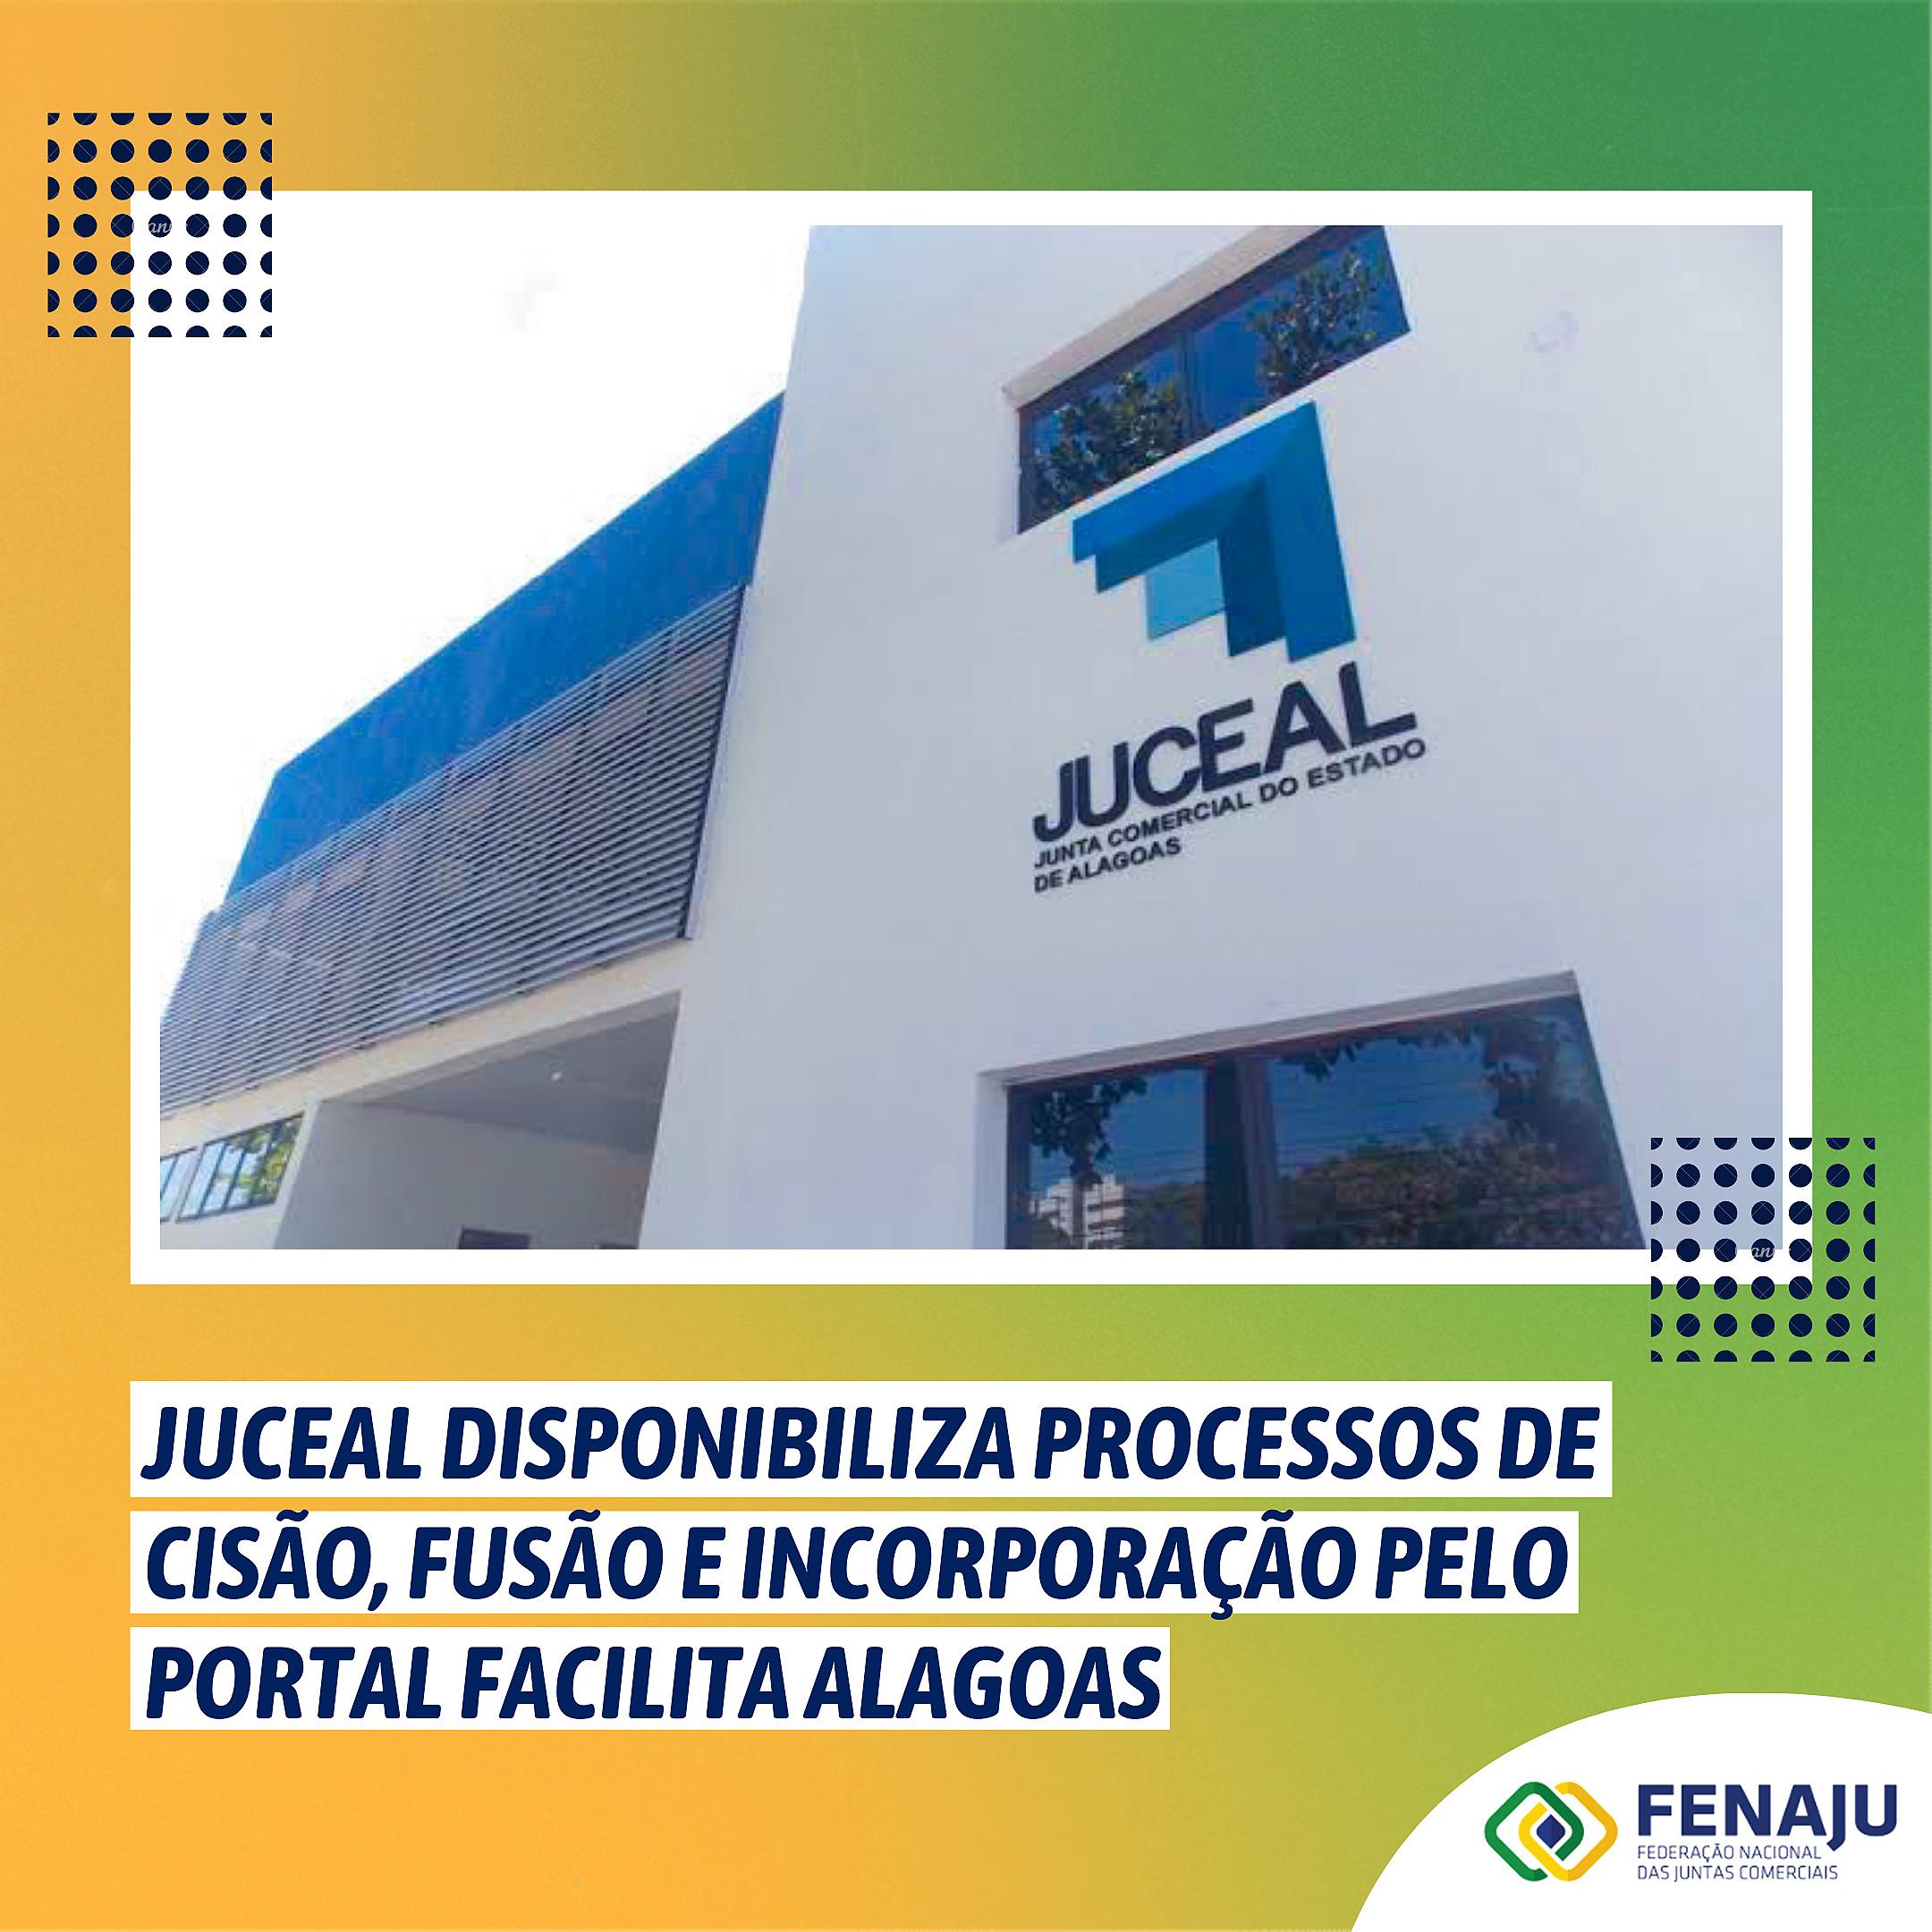 JUCEAL disponibiliza processos de cisão, fusão e incorporação pelo Portal Facilita Alagoas